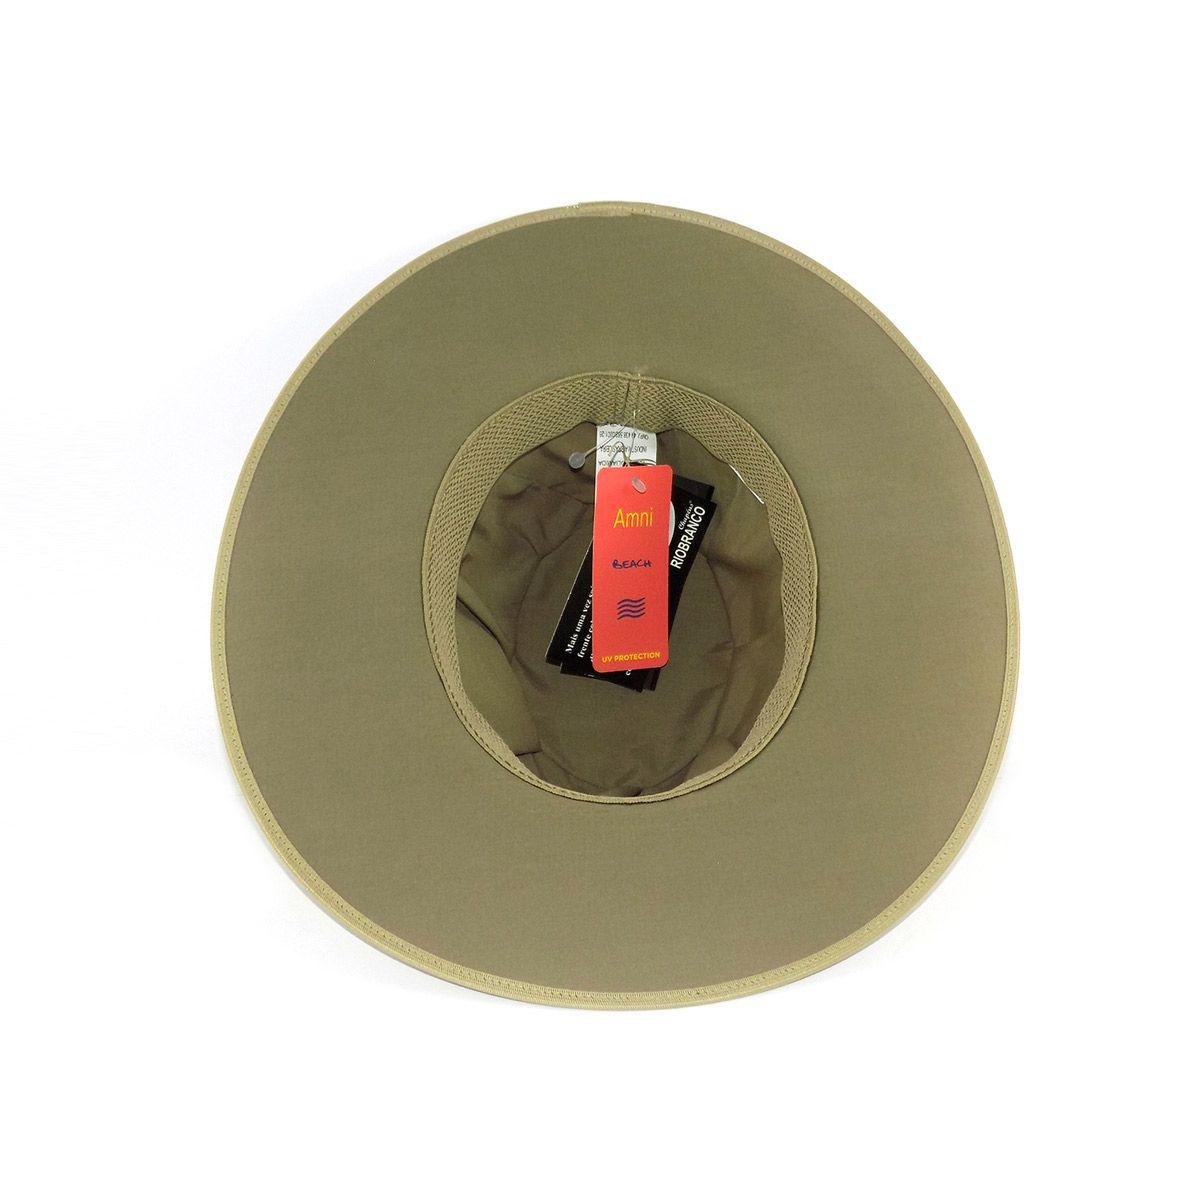 Chapéu Floppy Juta Algodão com proteção UV - FPU+50